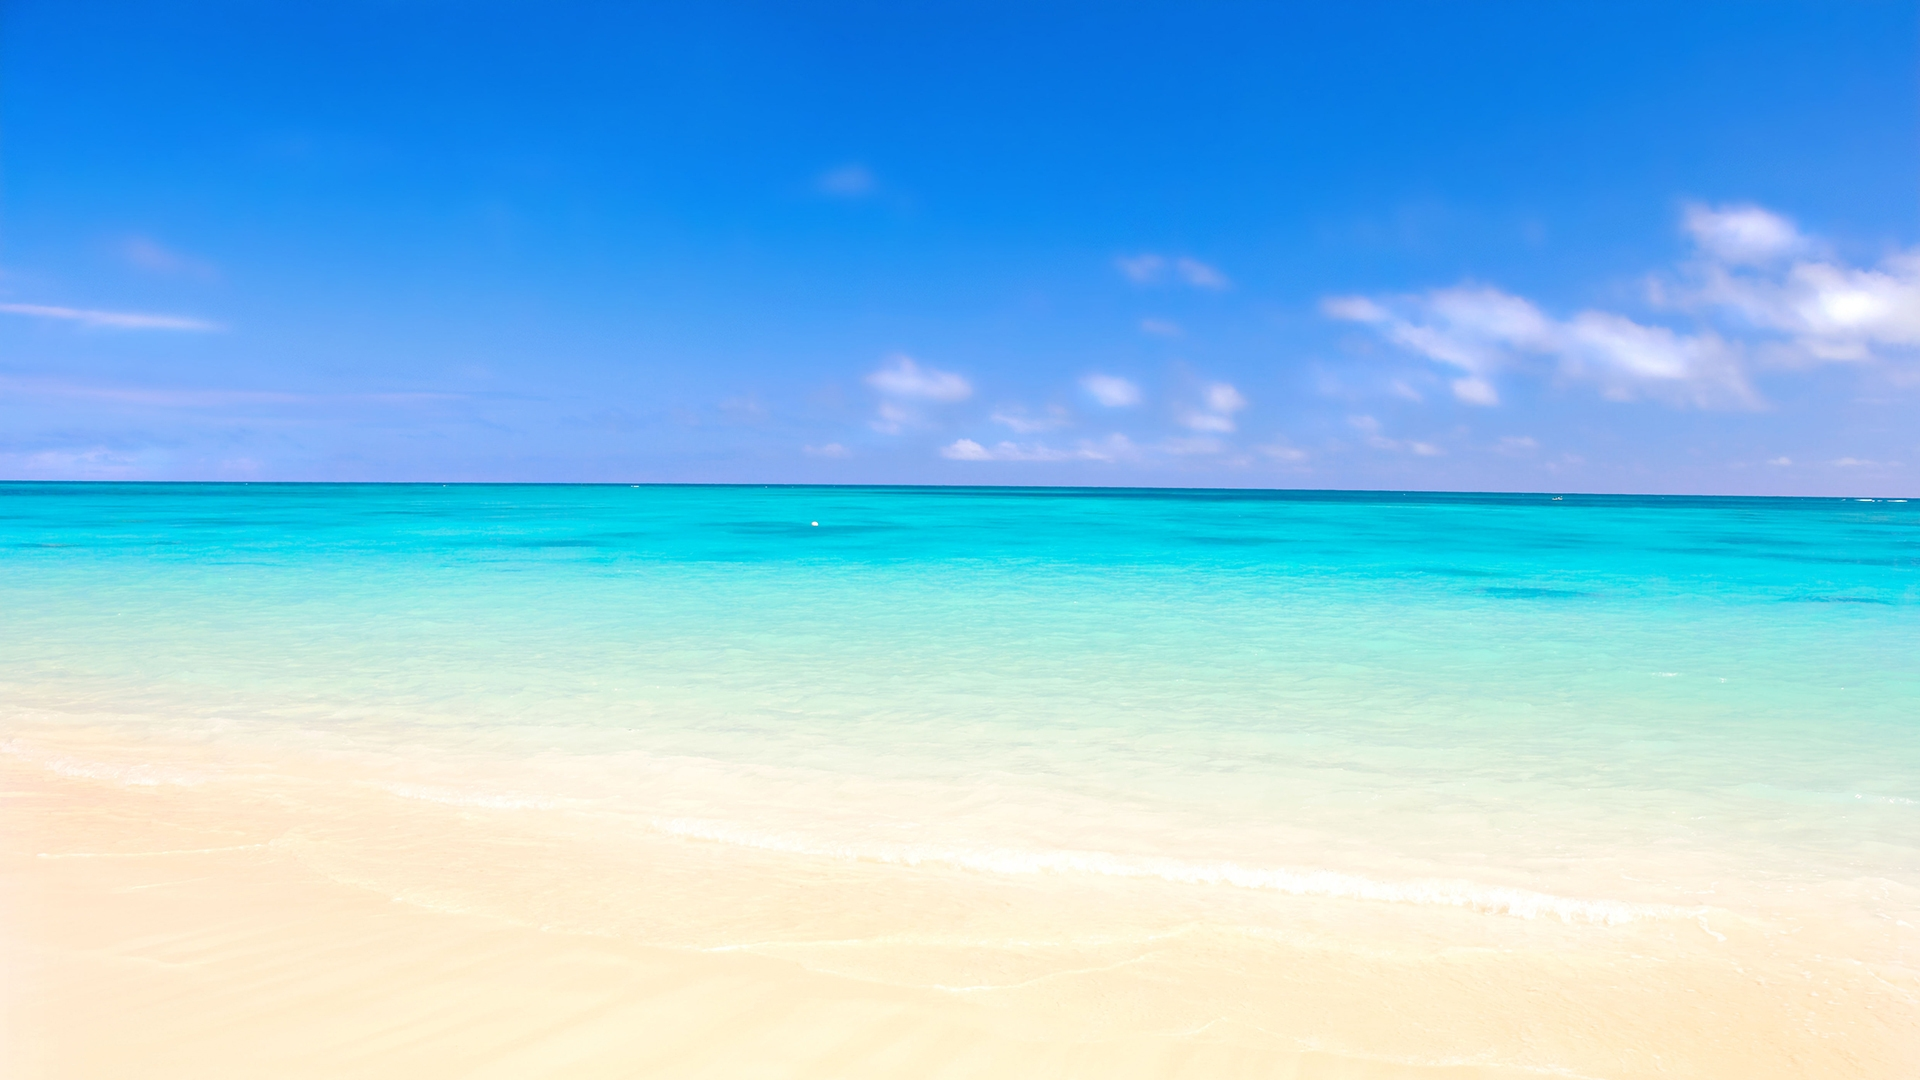 Vista Del Mar Panama City Beach Florida